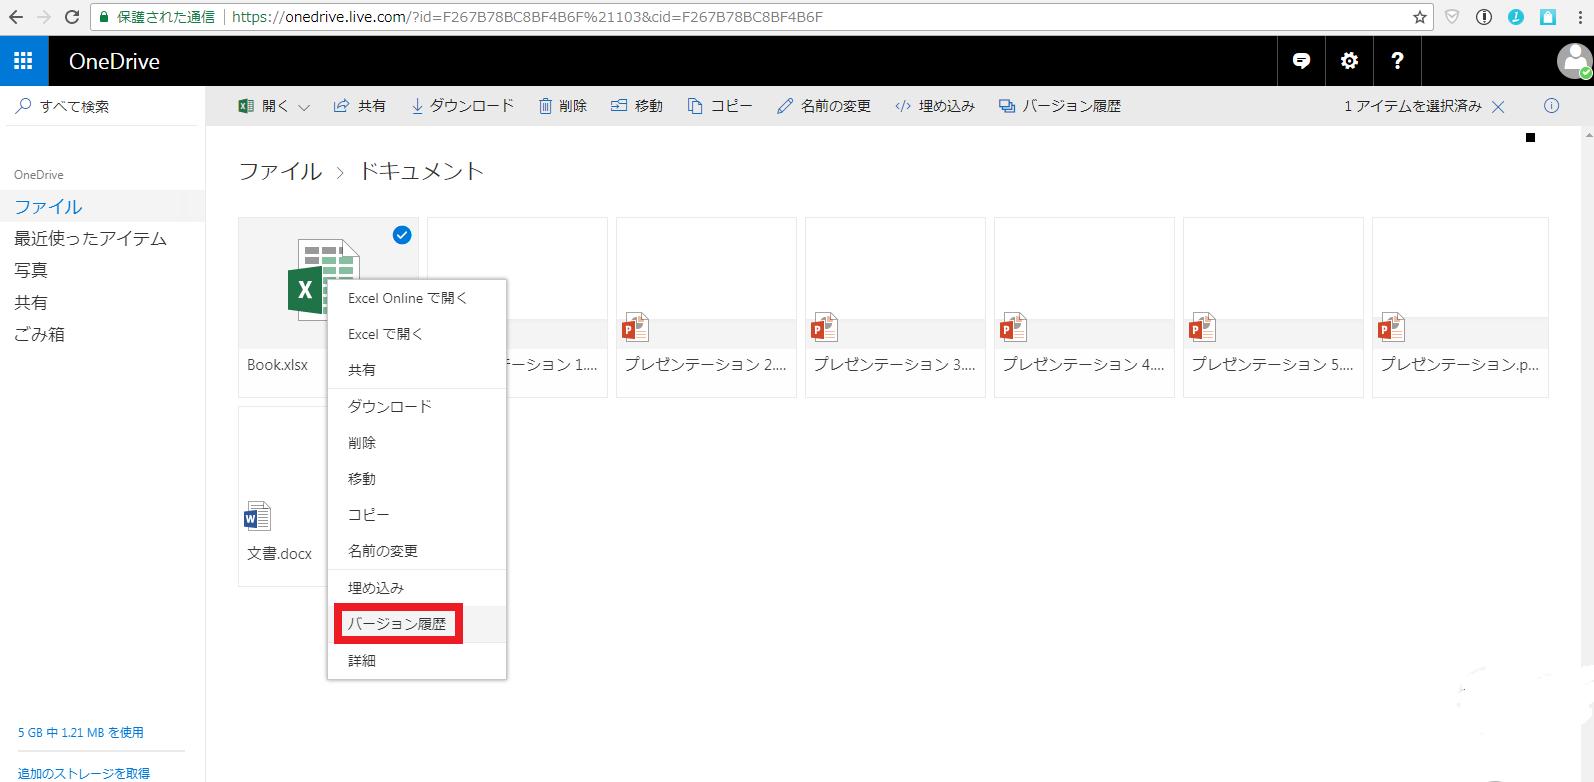 マイクロソフト、OneDriveで「Office」ファイルから全ファイルのバージョン履歴対応へ